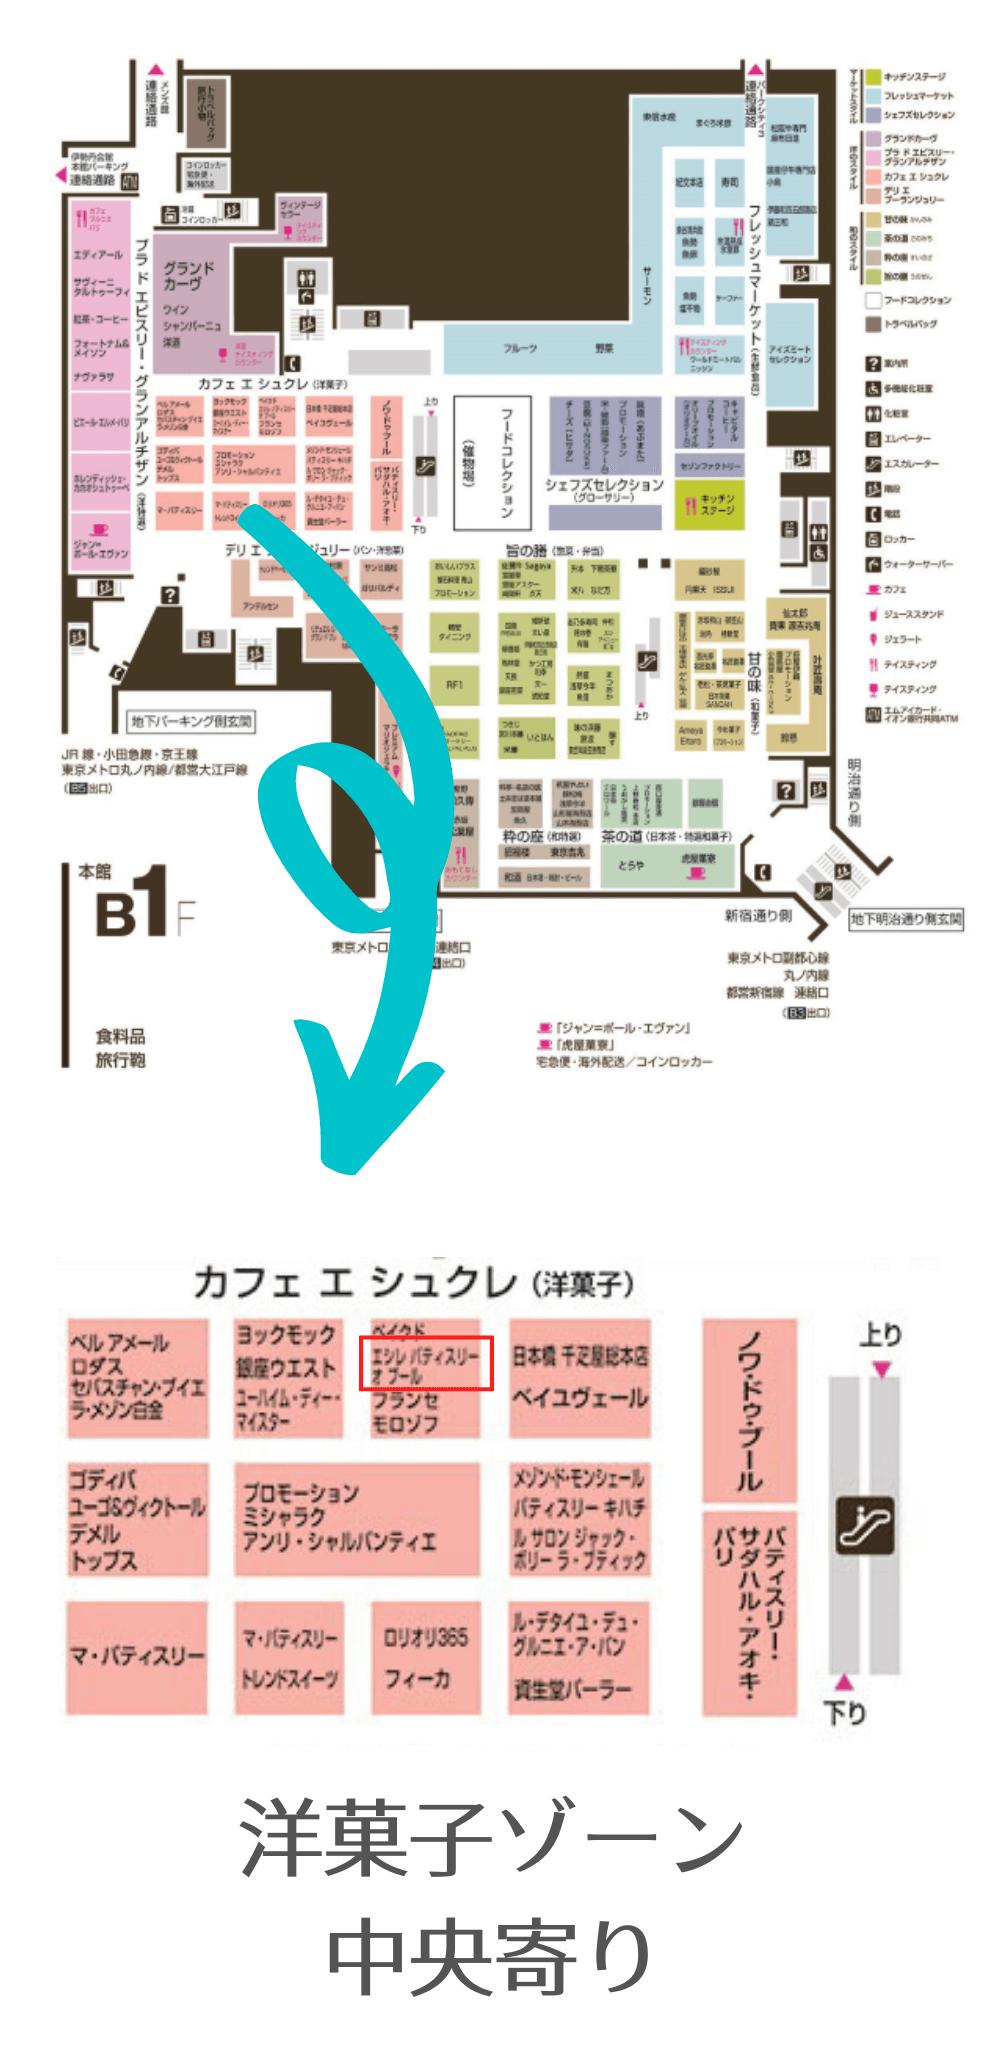 伊勢丹新宿でエシレ・パティスリー オ ブール 新宿店を探す